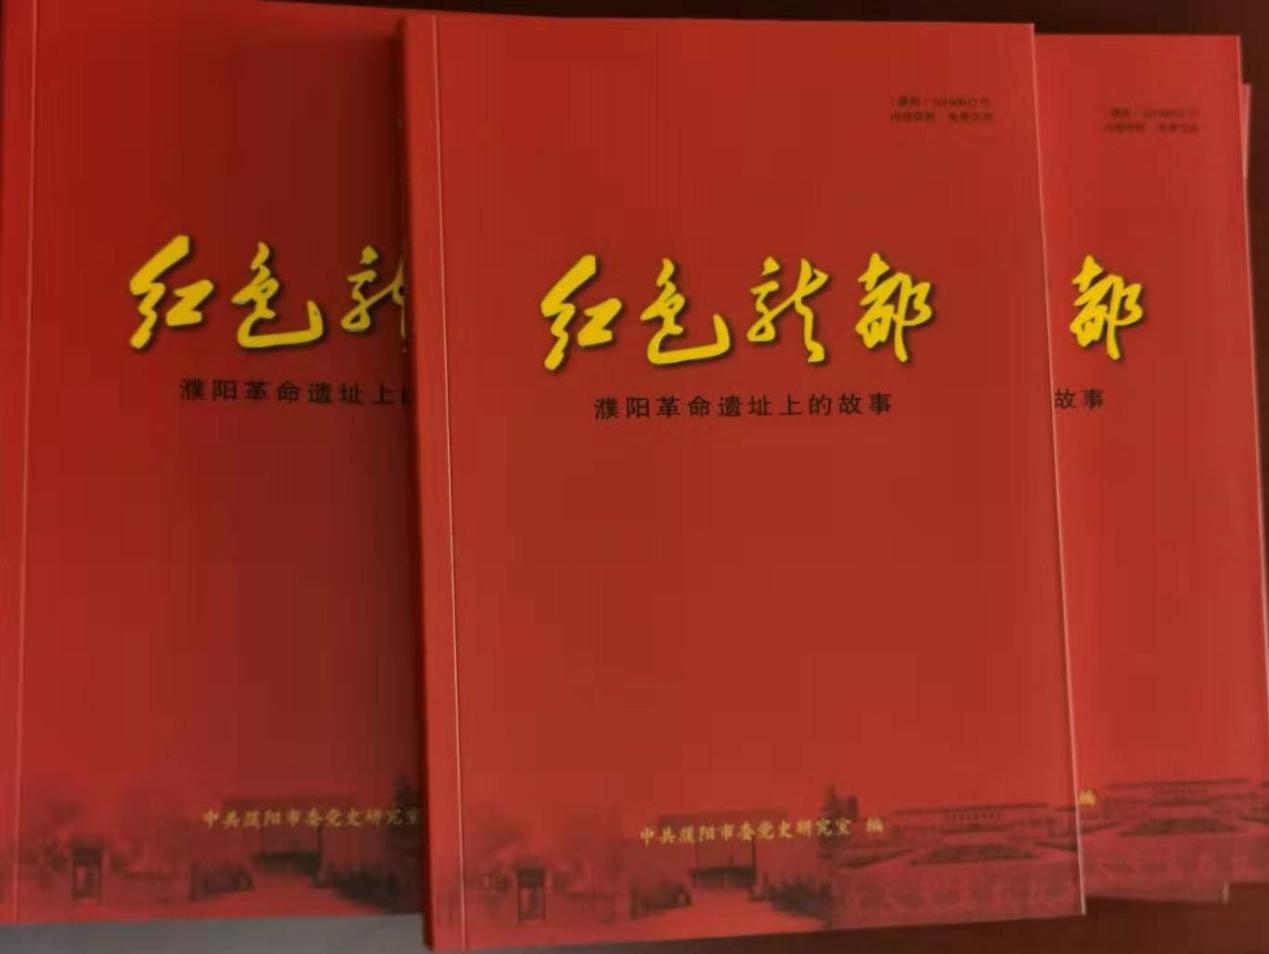 濮阳市革命传统教育读本《红色龙都——濮阳革命遗址上的故事》出版发行